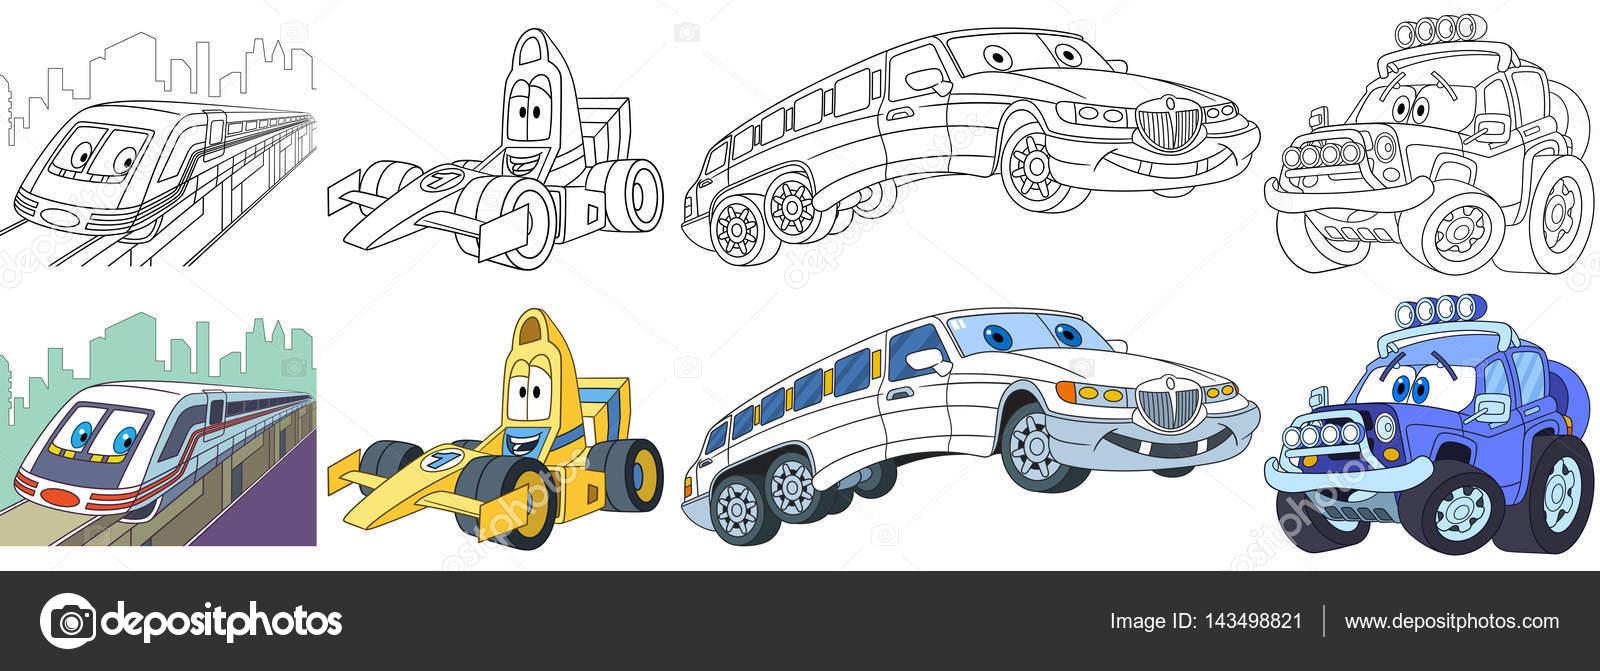 conjunto de dibujos animados coches rápidos — Archivo Imágenes ...